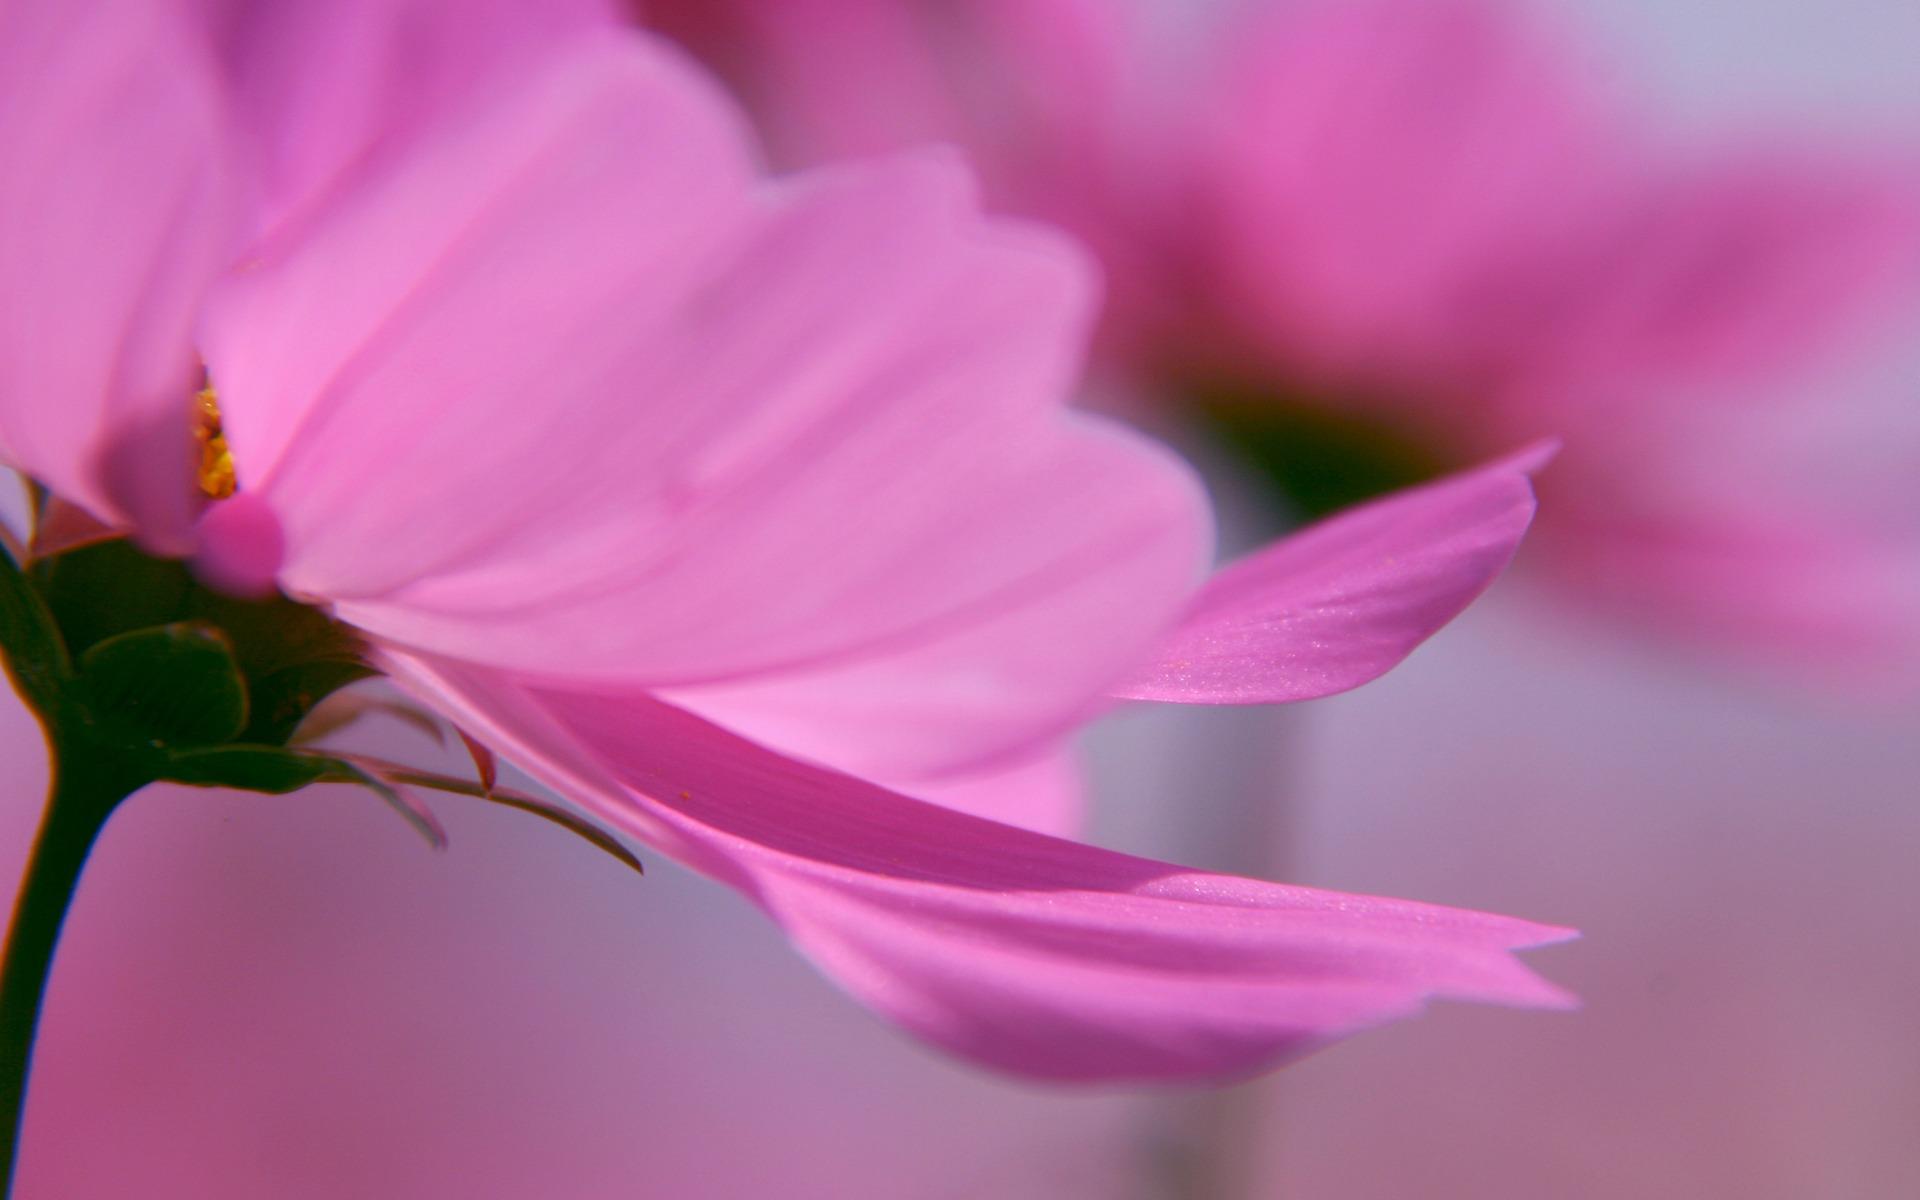 flower petal pictures